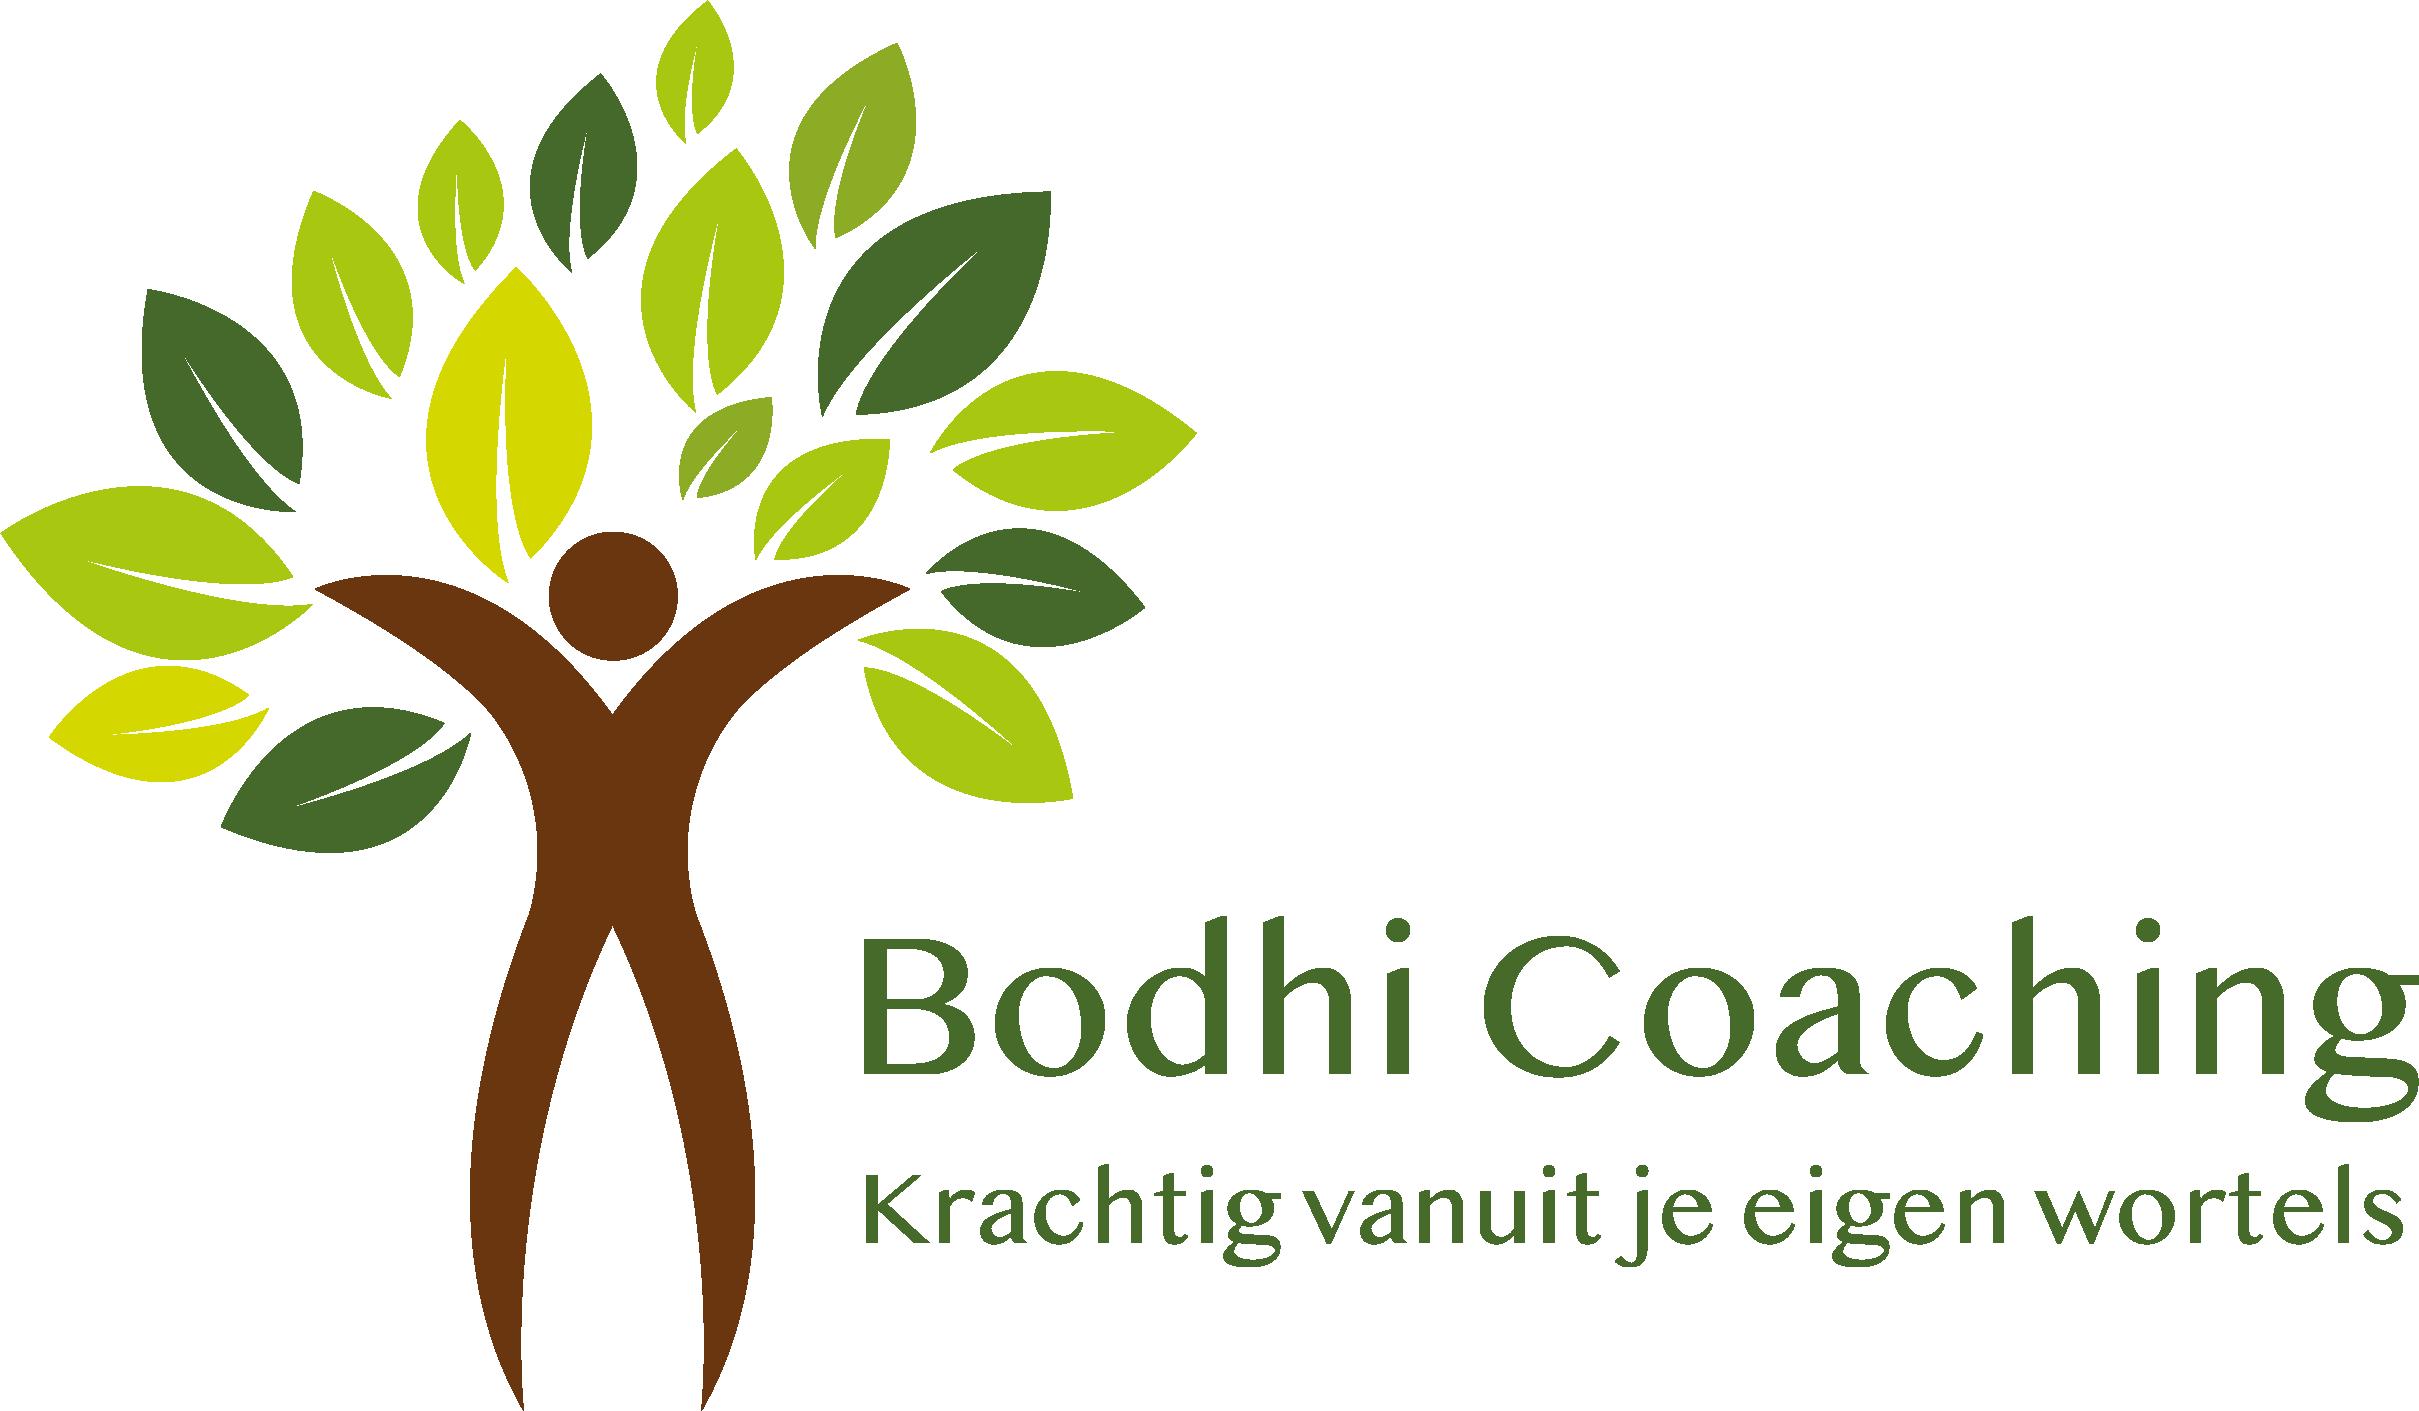 Bodhi Coaching